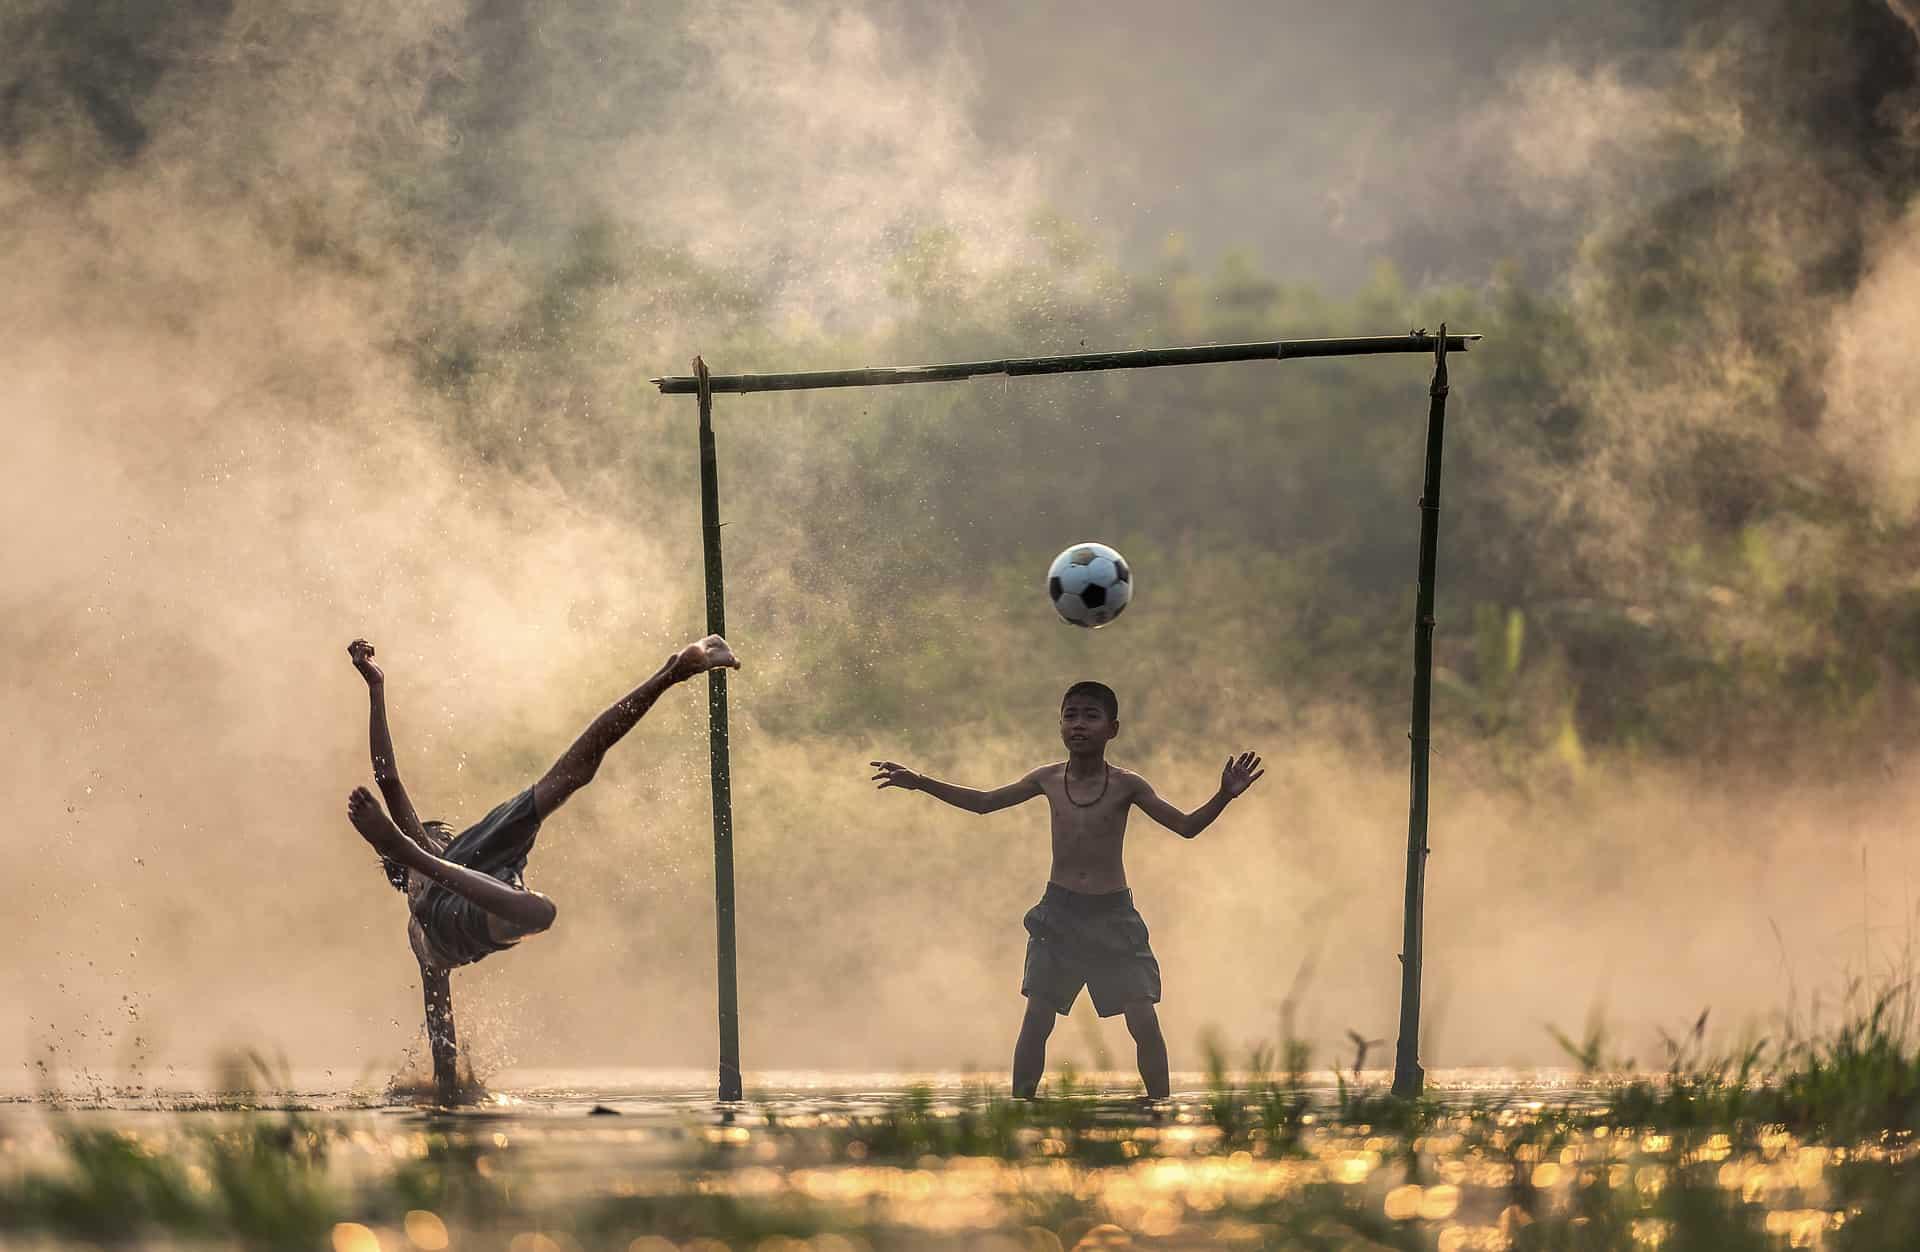 Imagem mostra um garoto chutando uma bola, de voleio, enquanto outro defende uma trave feita com pedaços de madeira. O campo é improvisado em uma paisagem com grama e água.